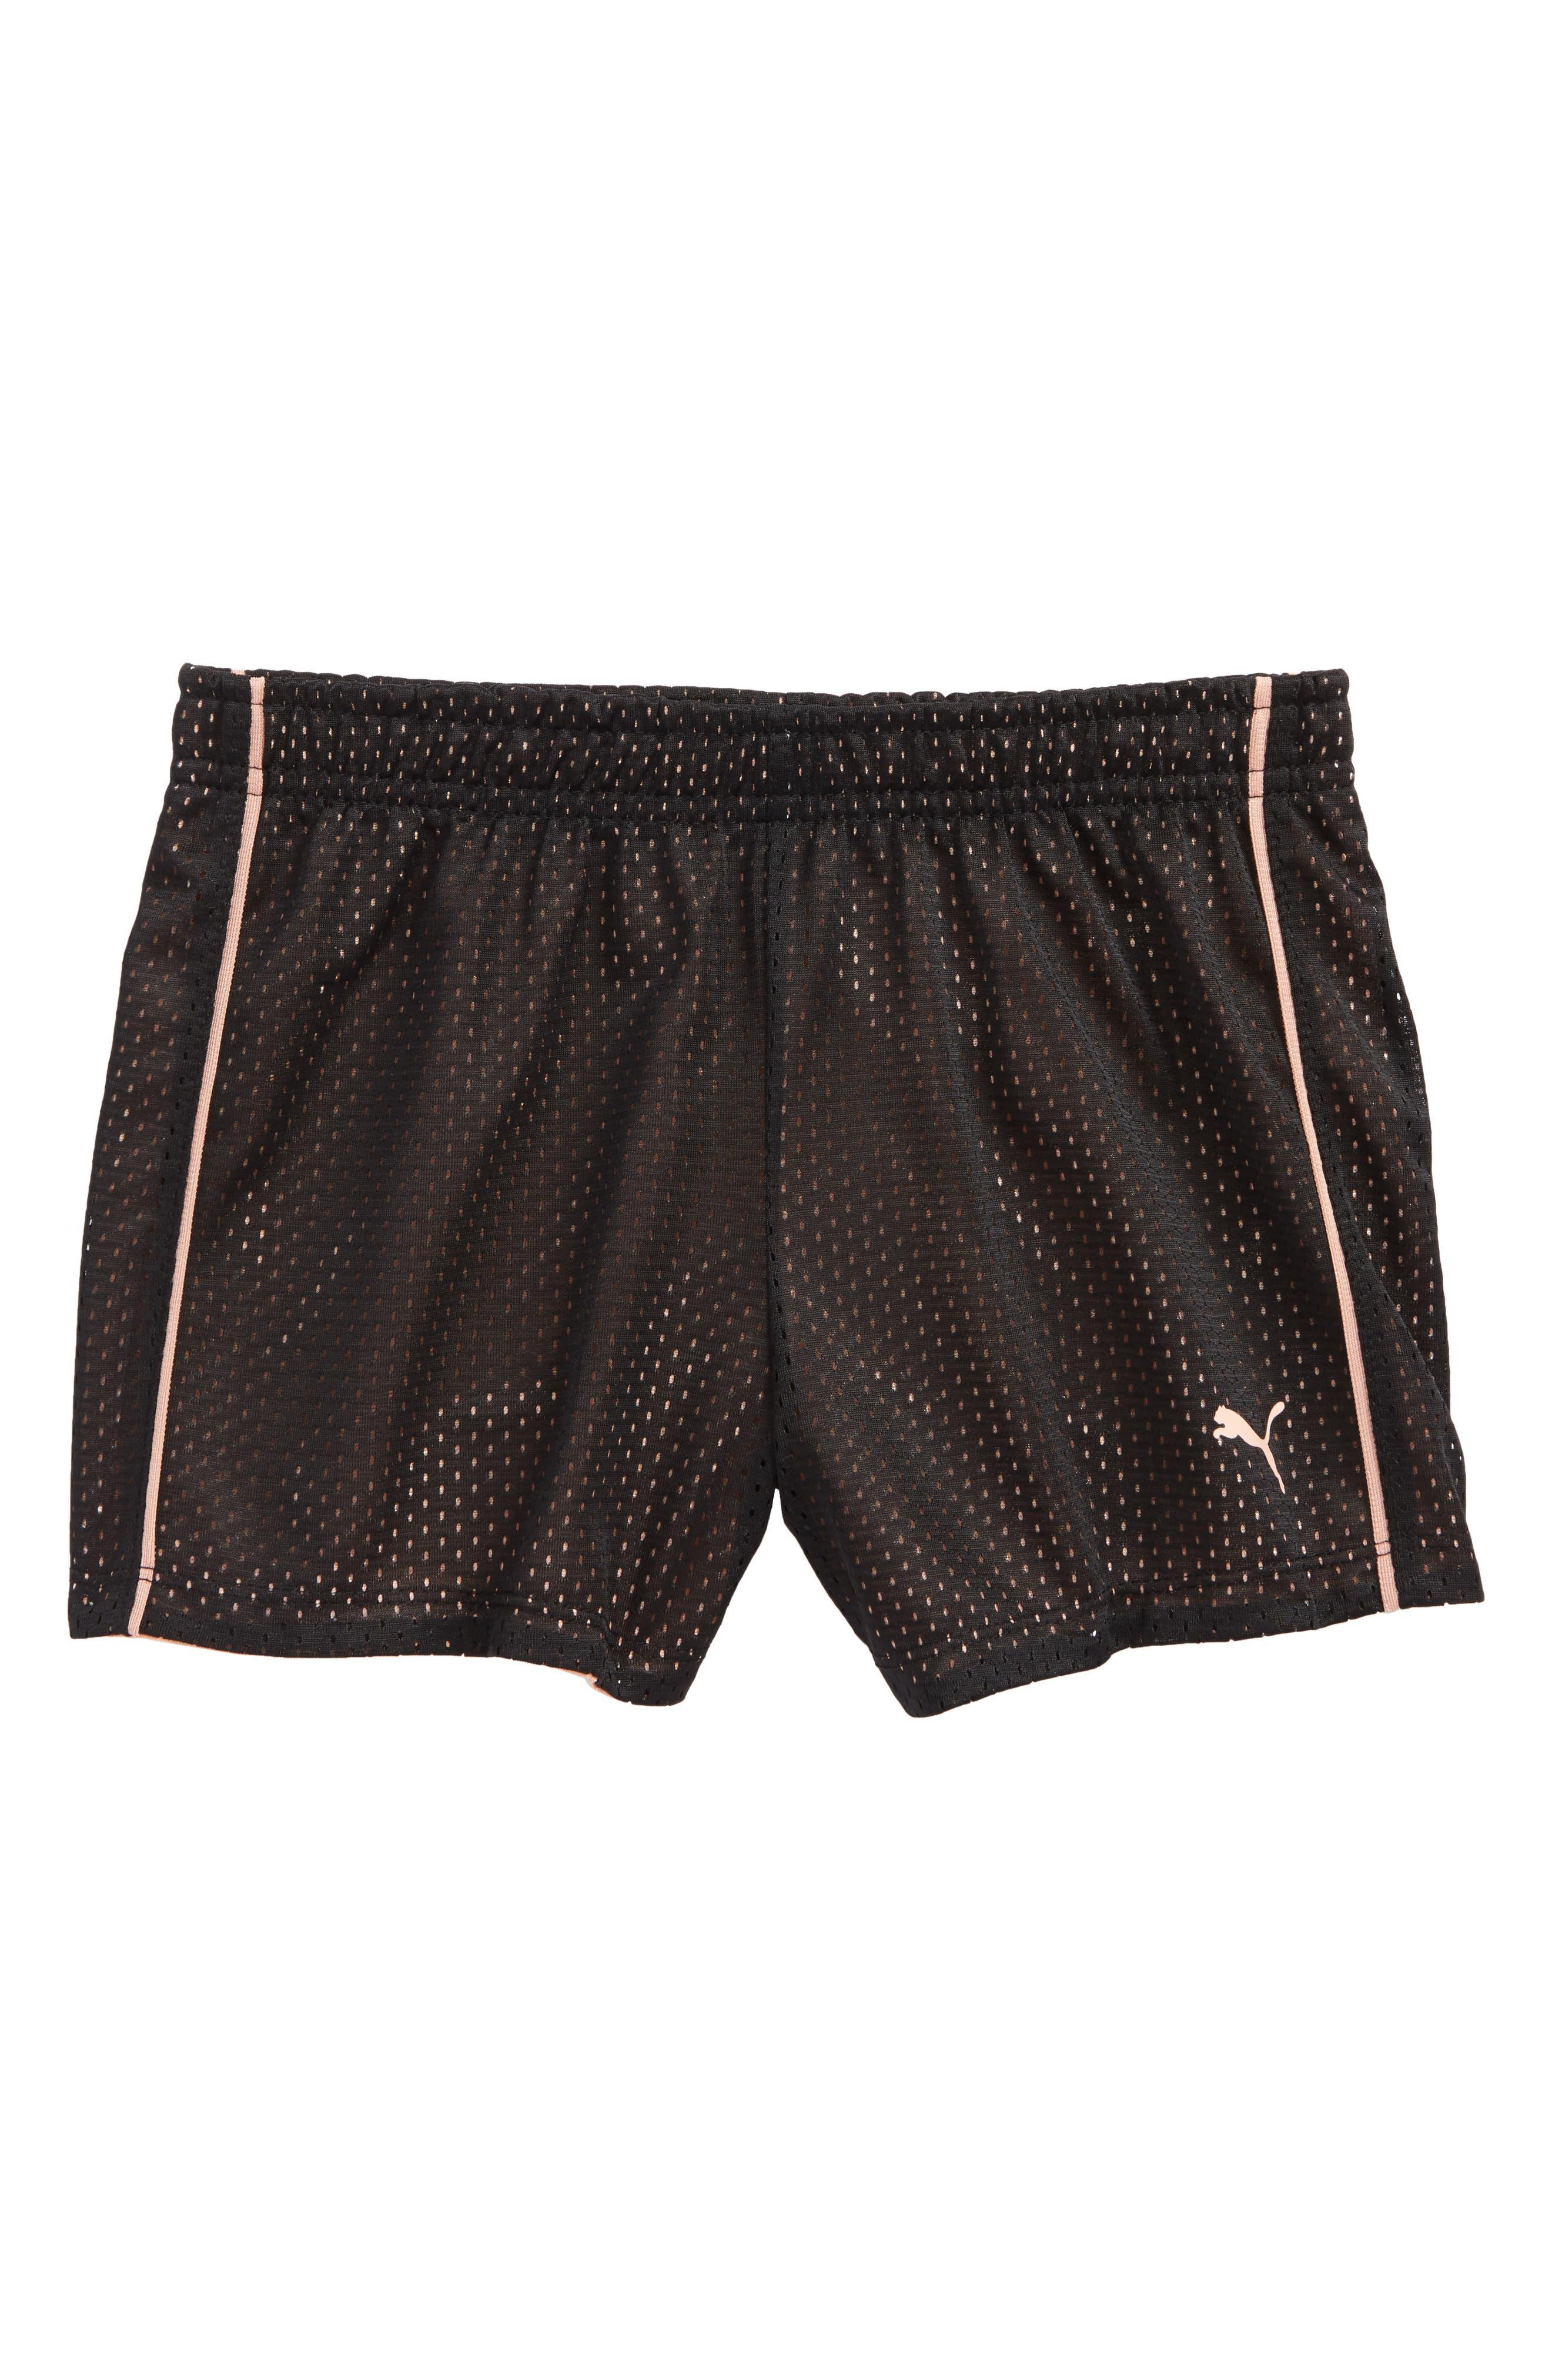 PUMA Mesh Shorts (Big Girls)